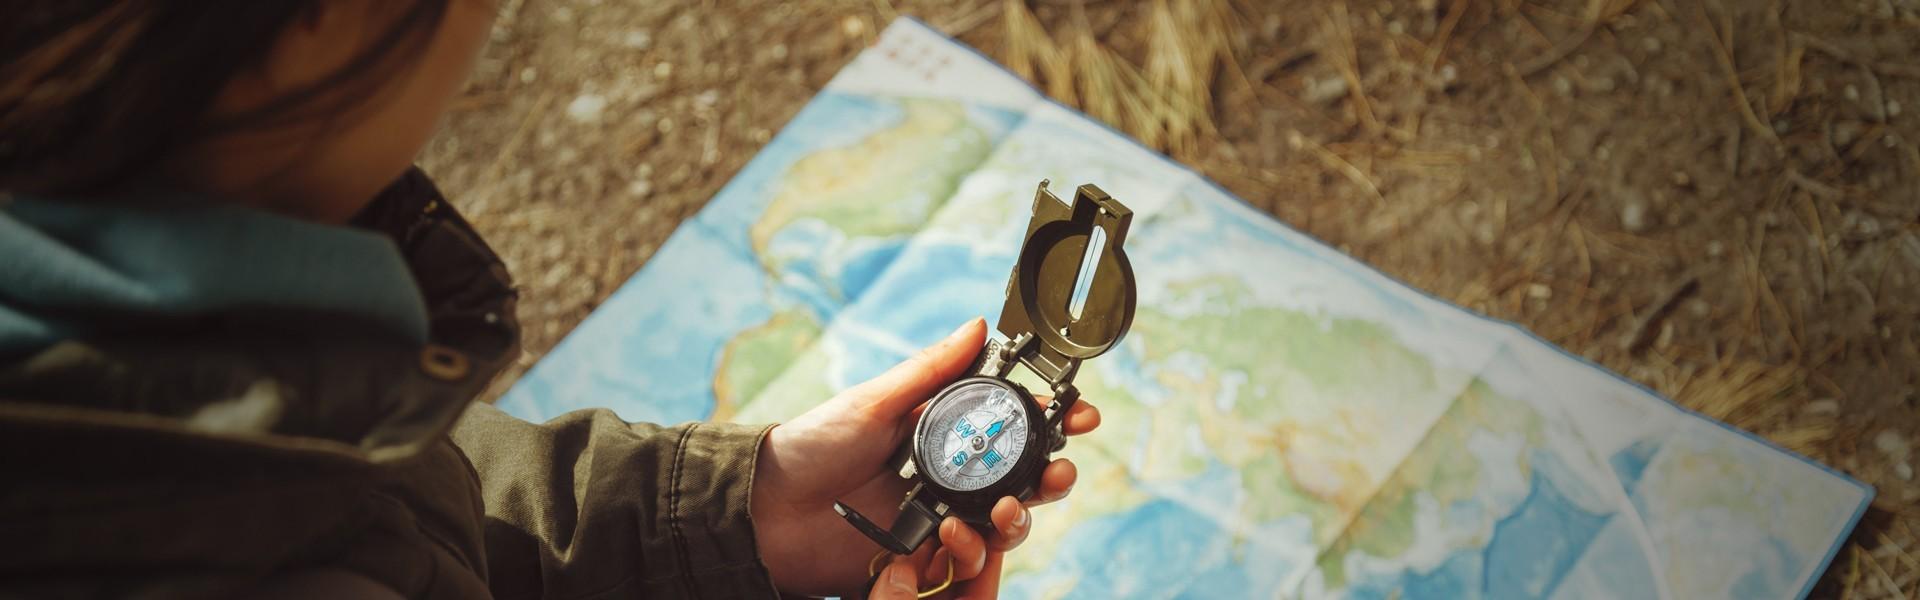 Attrezzatura Trekking